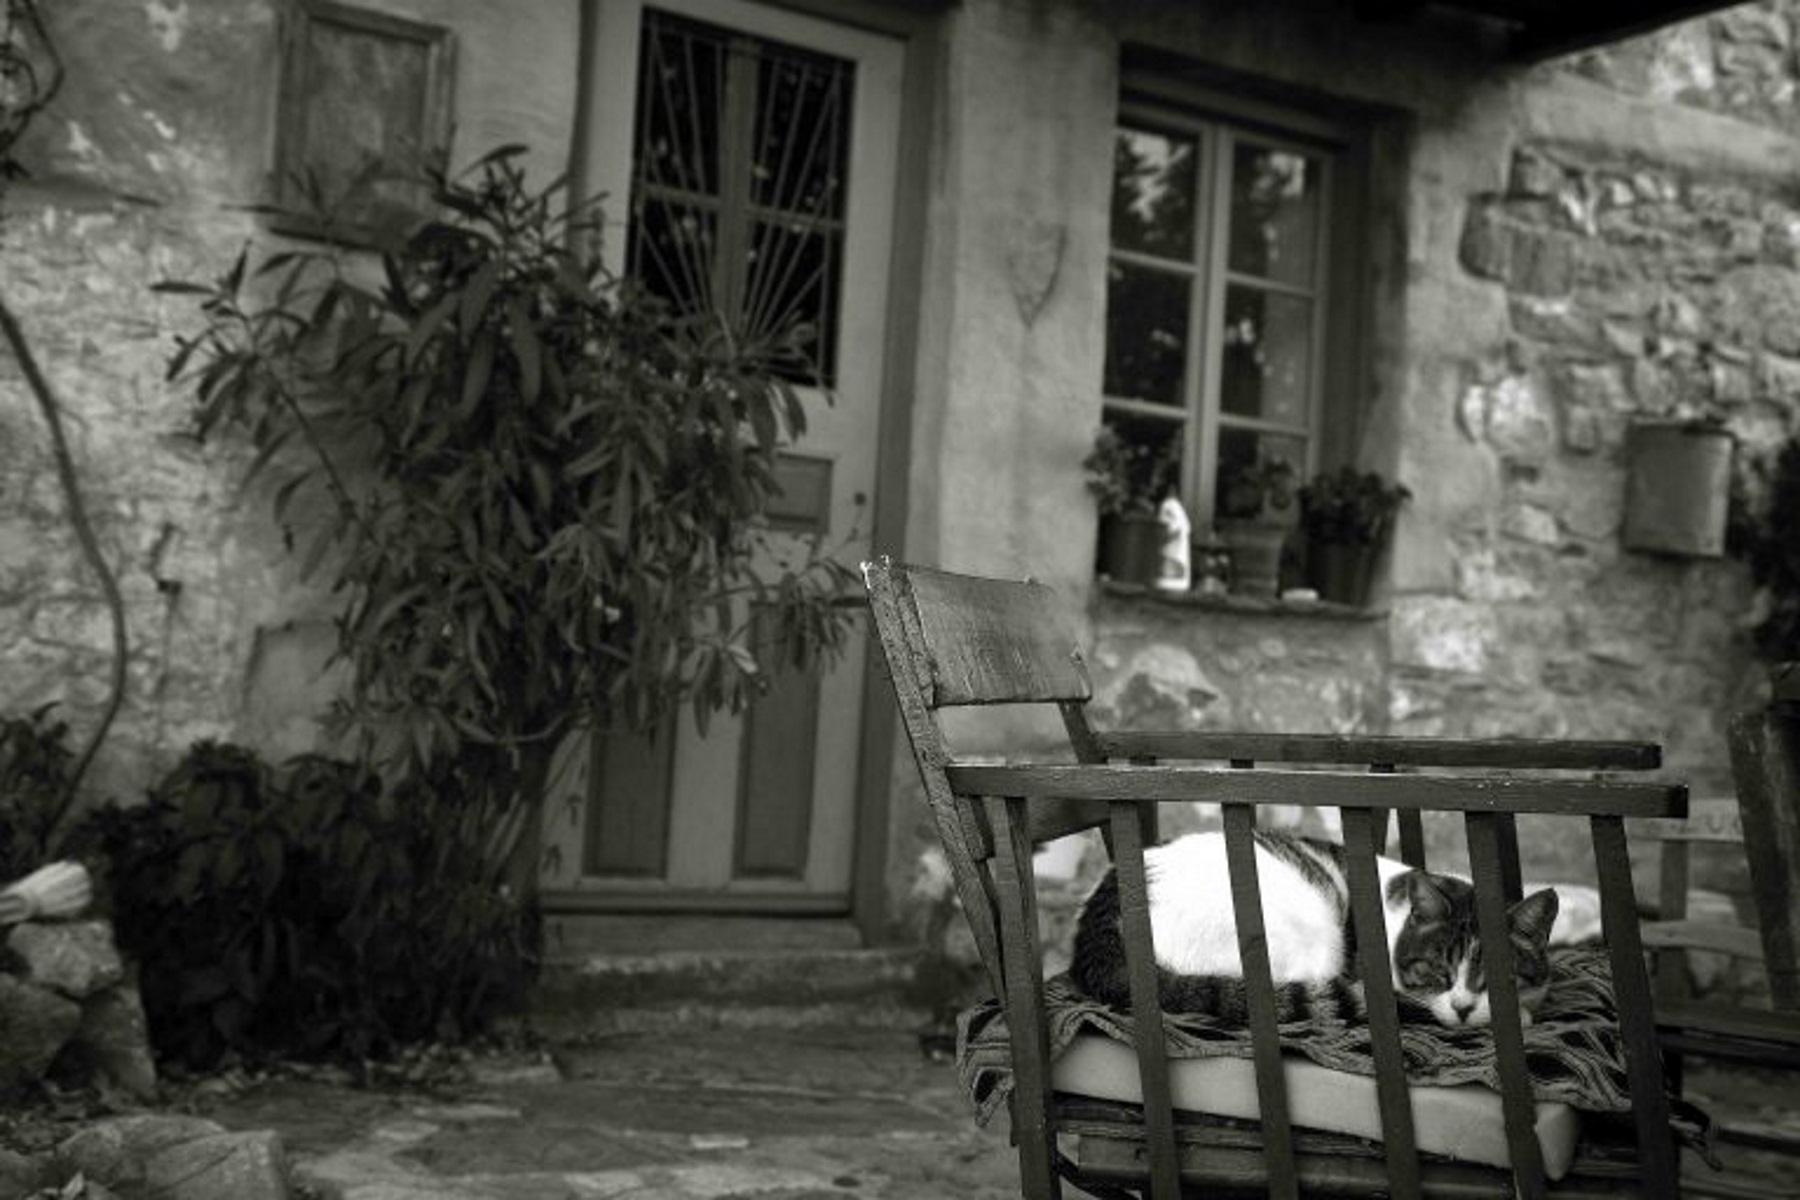 Θεσσαλονίκη: Ανατροπή για το θρίλερ σε υπόγειο με νεκρή γυναίκα! Η εξήγηση για τις ματωμένες πατημασιές